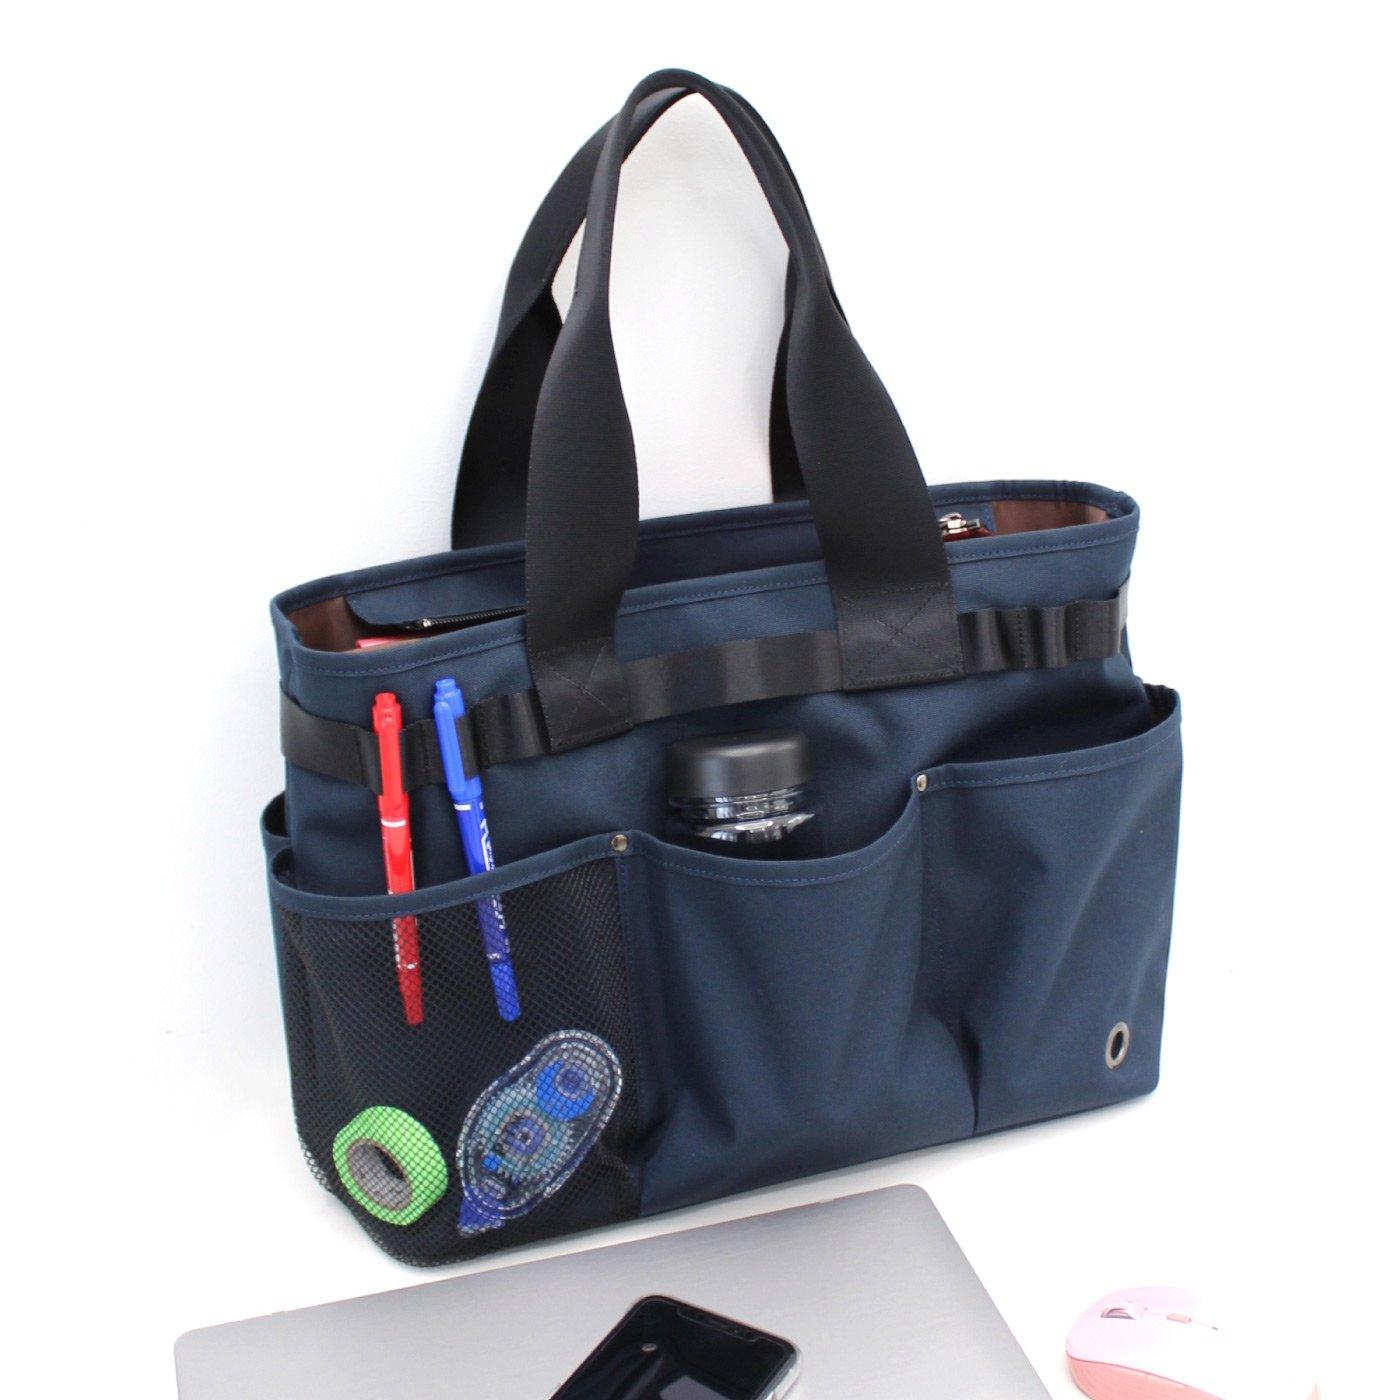 【WEB限定】IEDIT[イディット] ポケットいっぱいで収納上手! ノートパソコンが入ってお仕事道具の持ち運びに便利なテレワークバッグ〈ネイビー〉